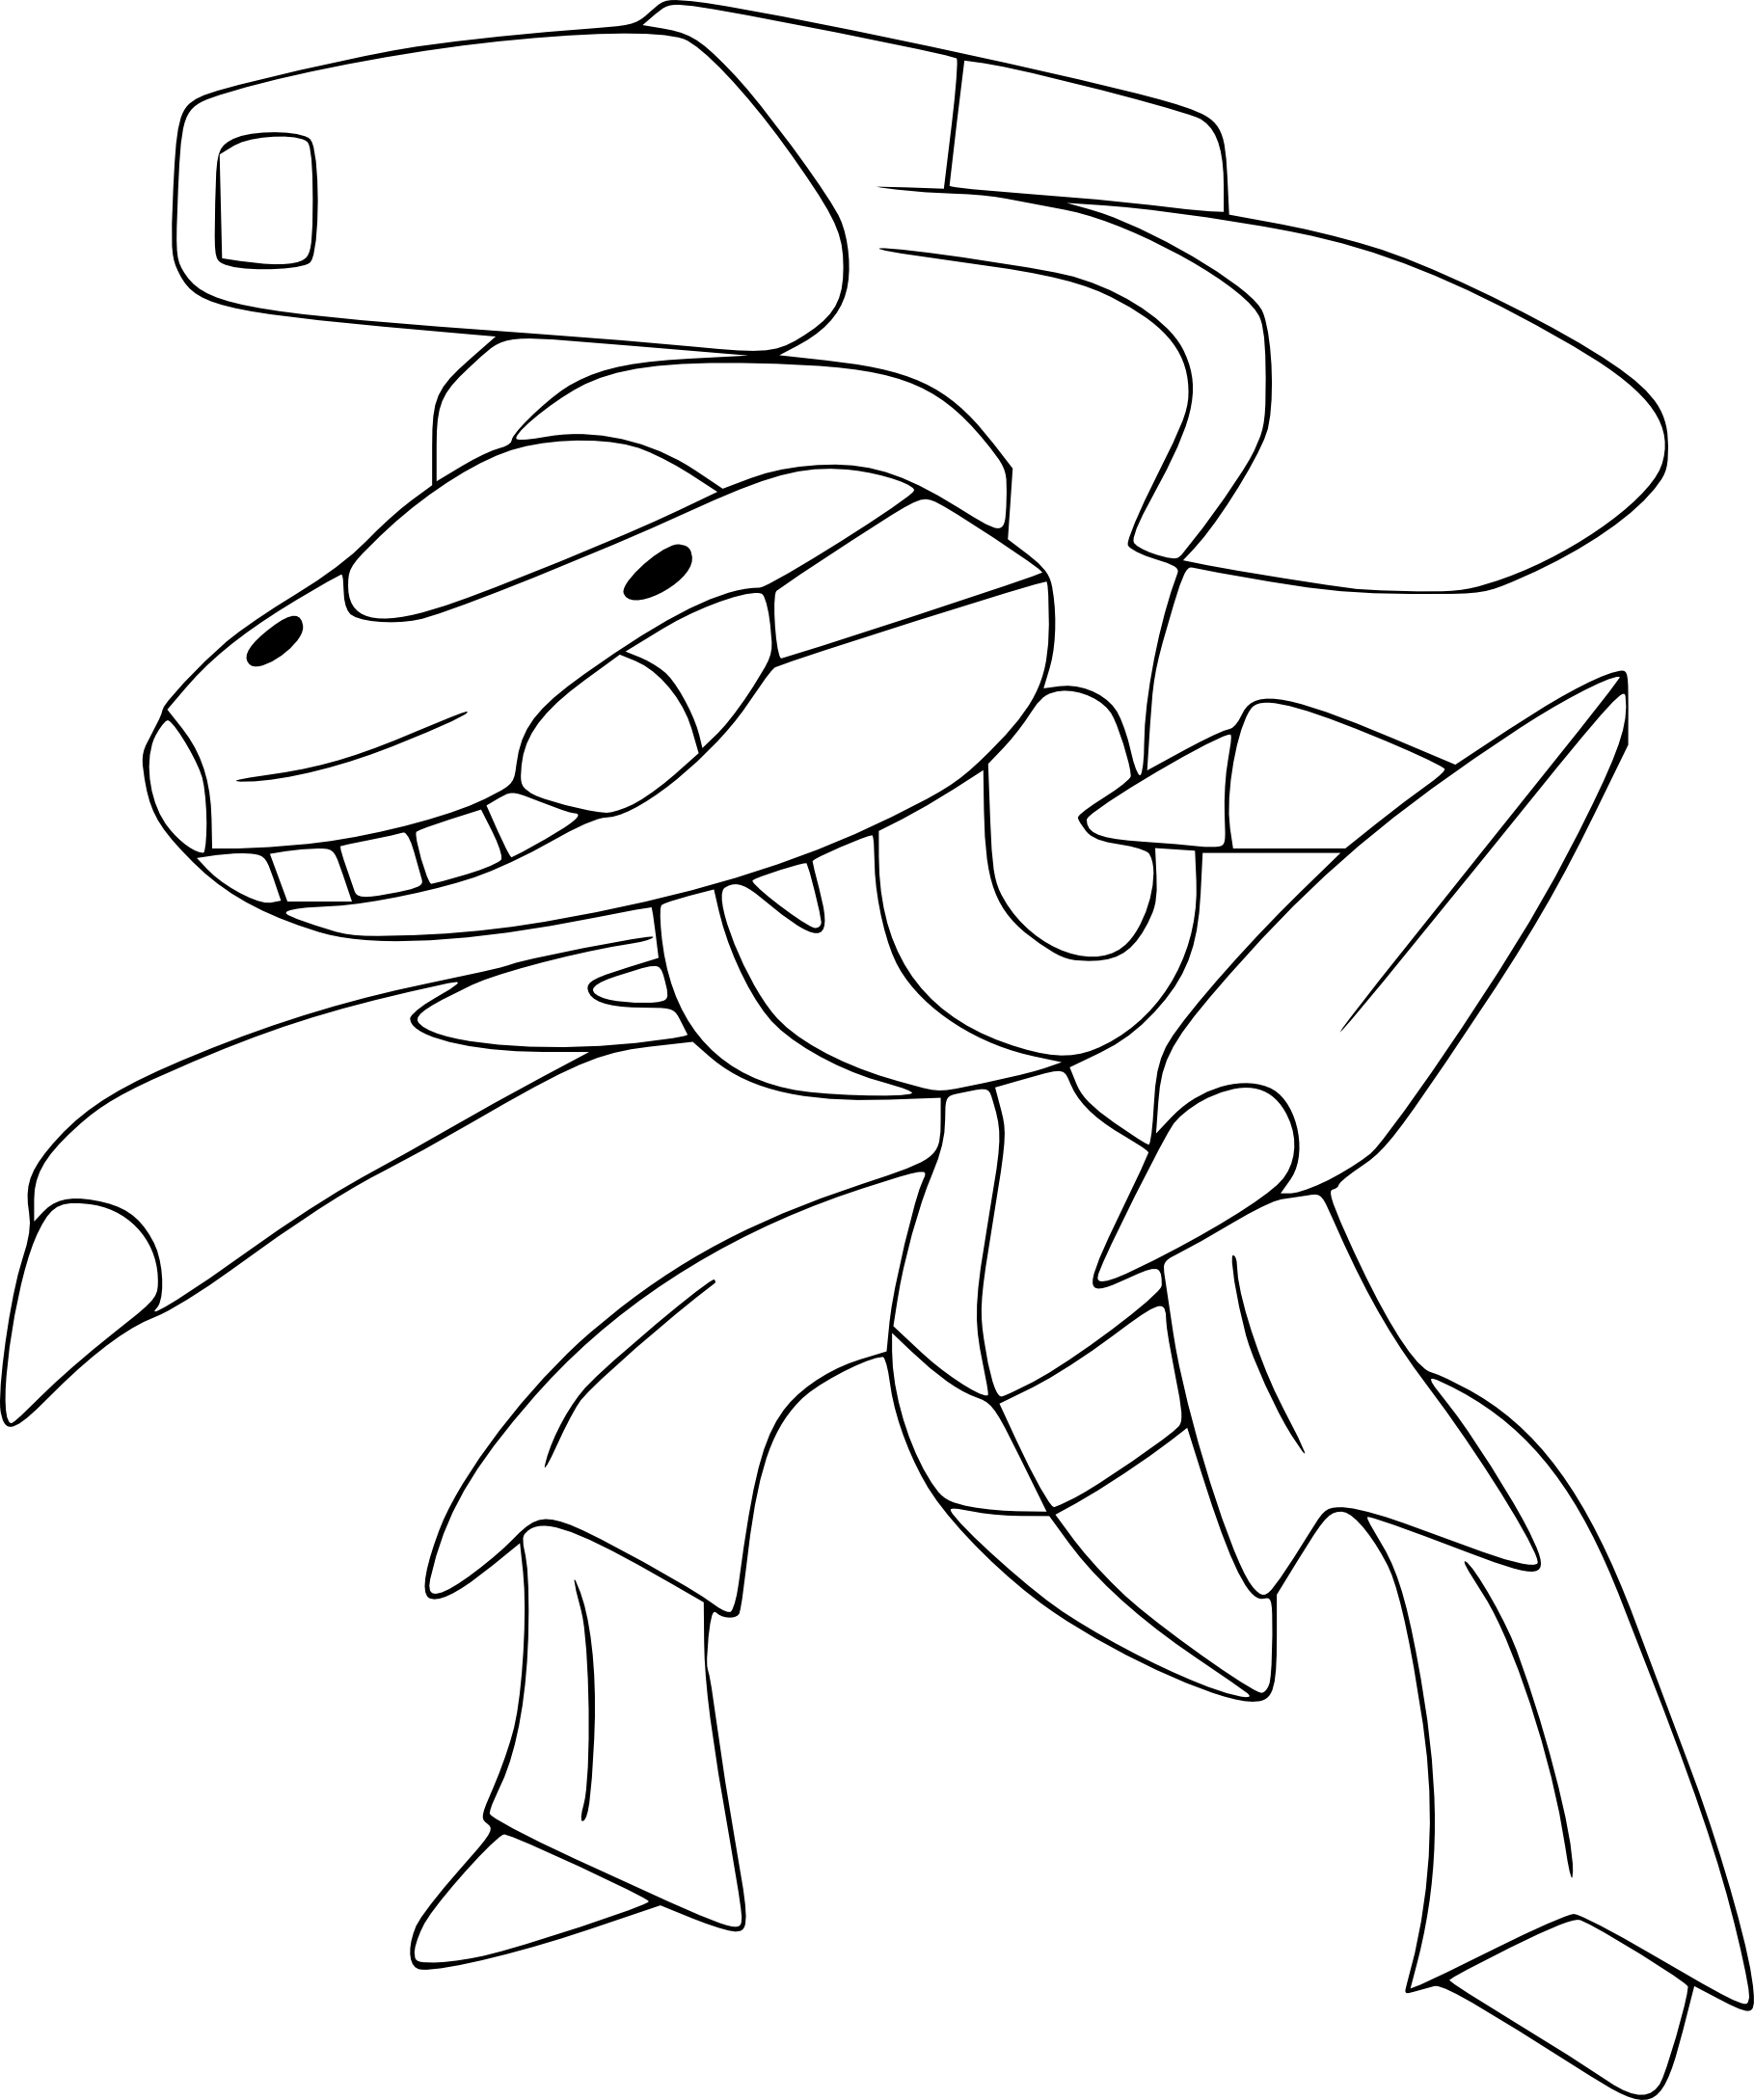 Coloriage Genesect Pokemon À Imprimer concernant Coloriage De Pokémon Légendaire